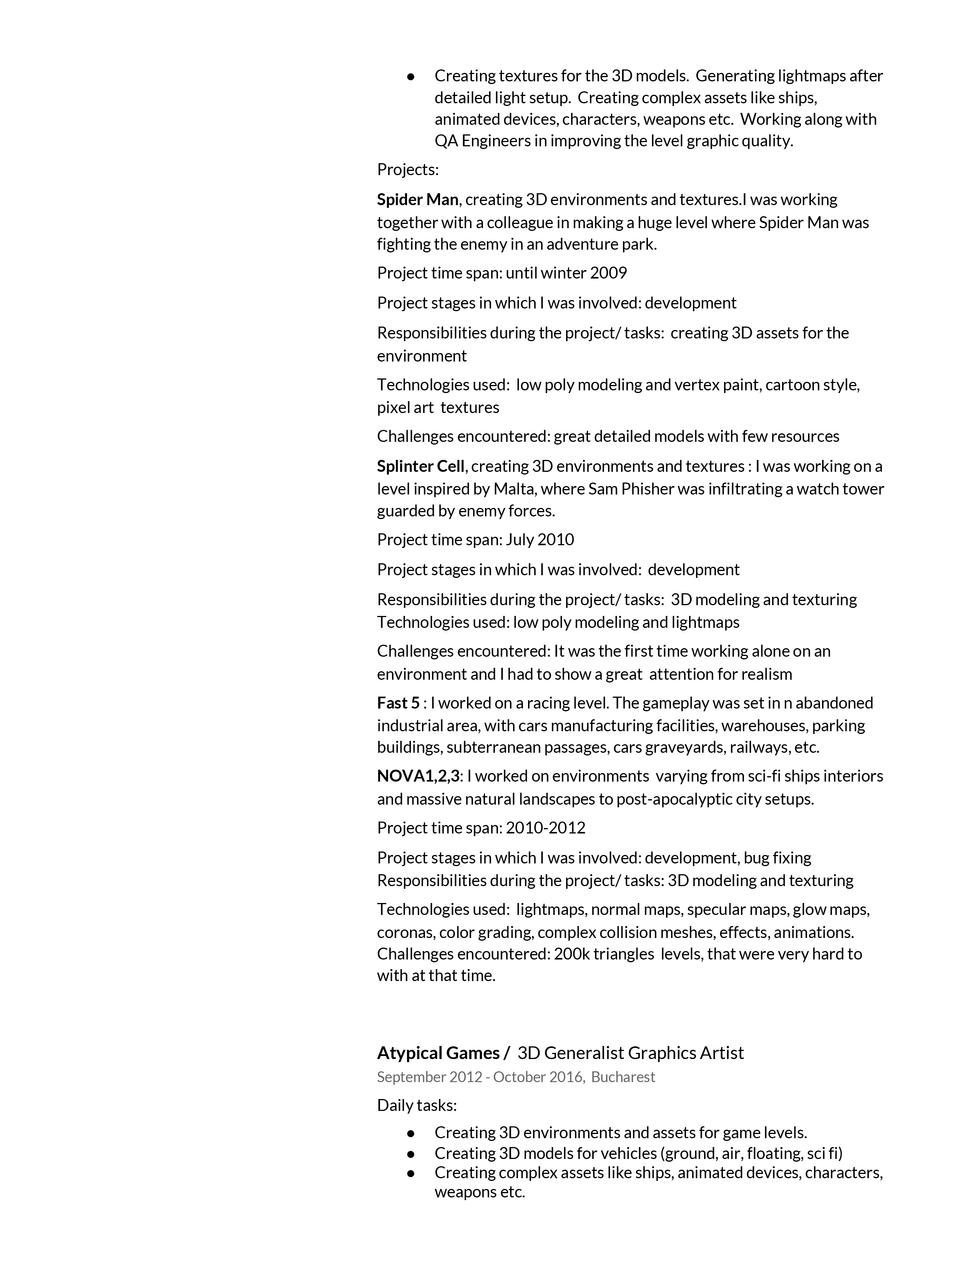 Resume - Sebastian Vranceanu-2.png